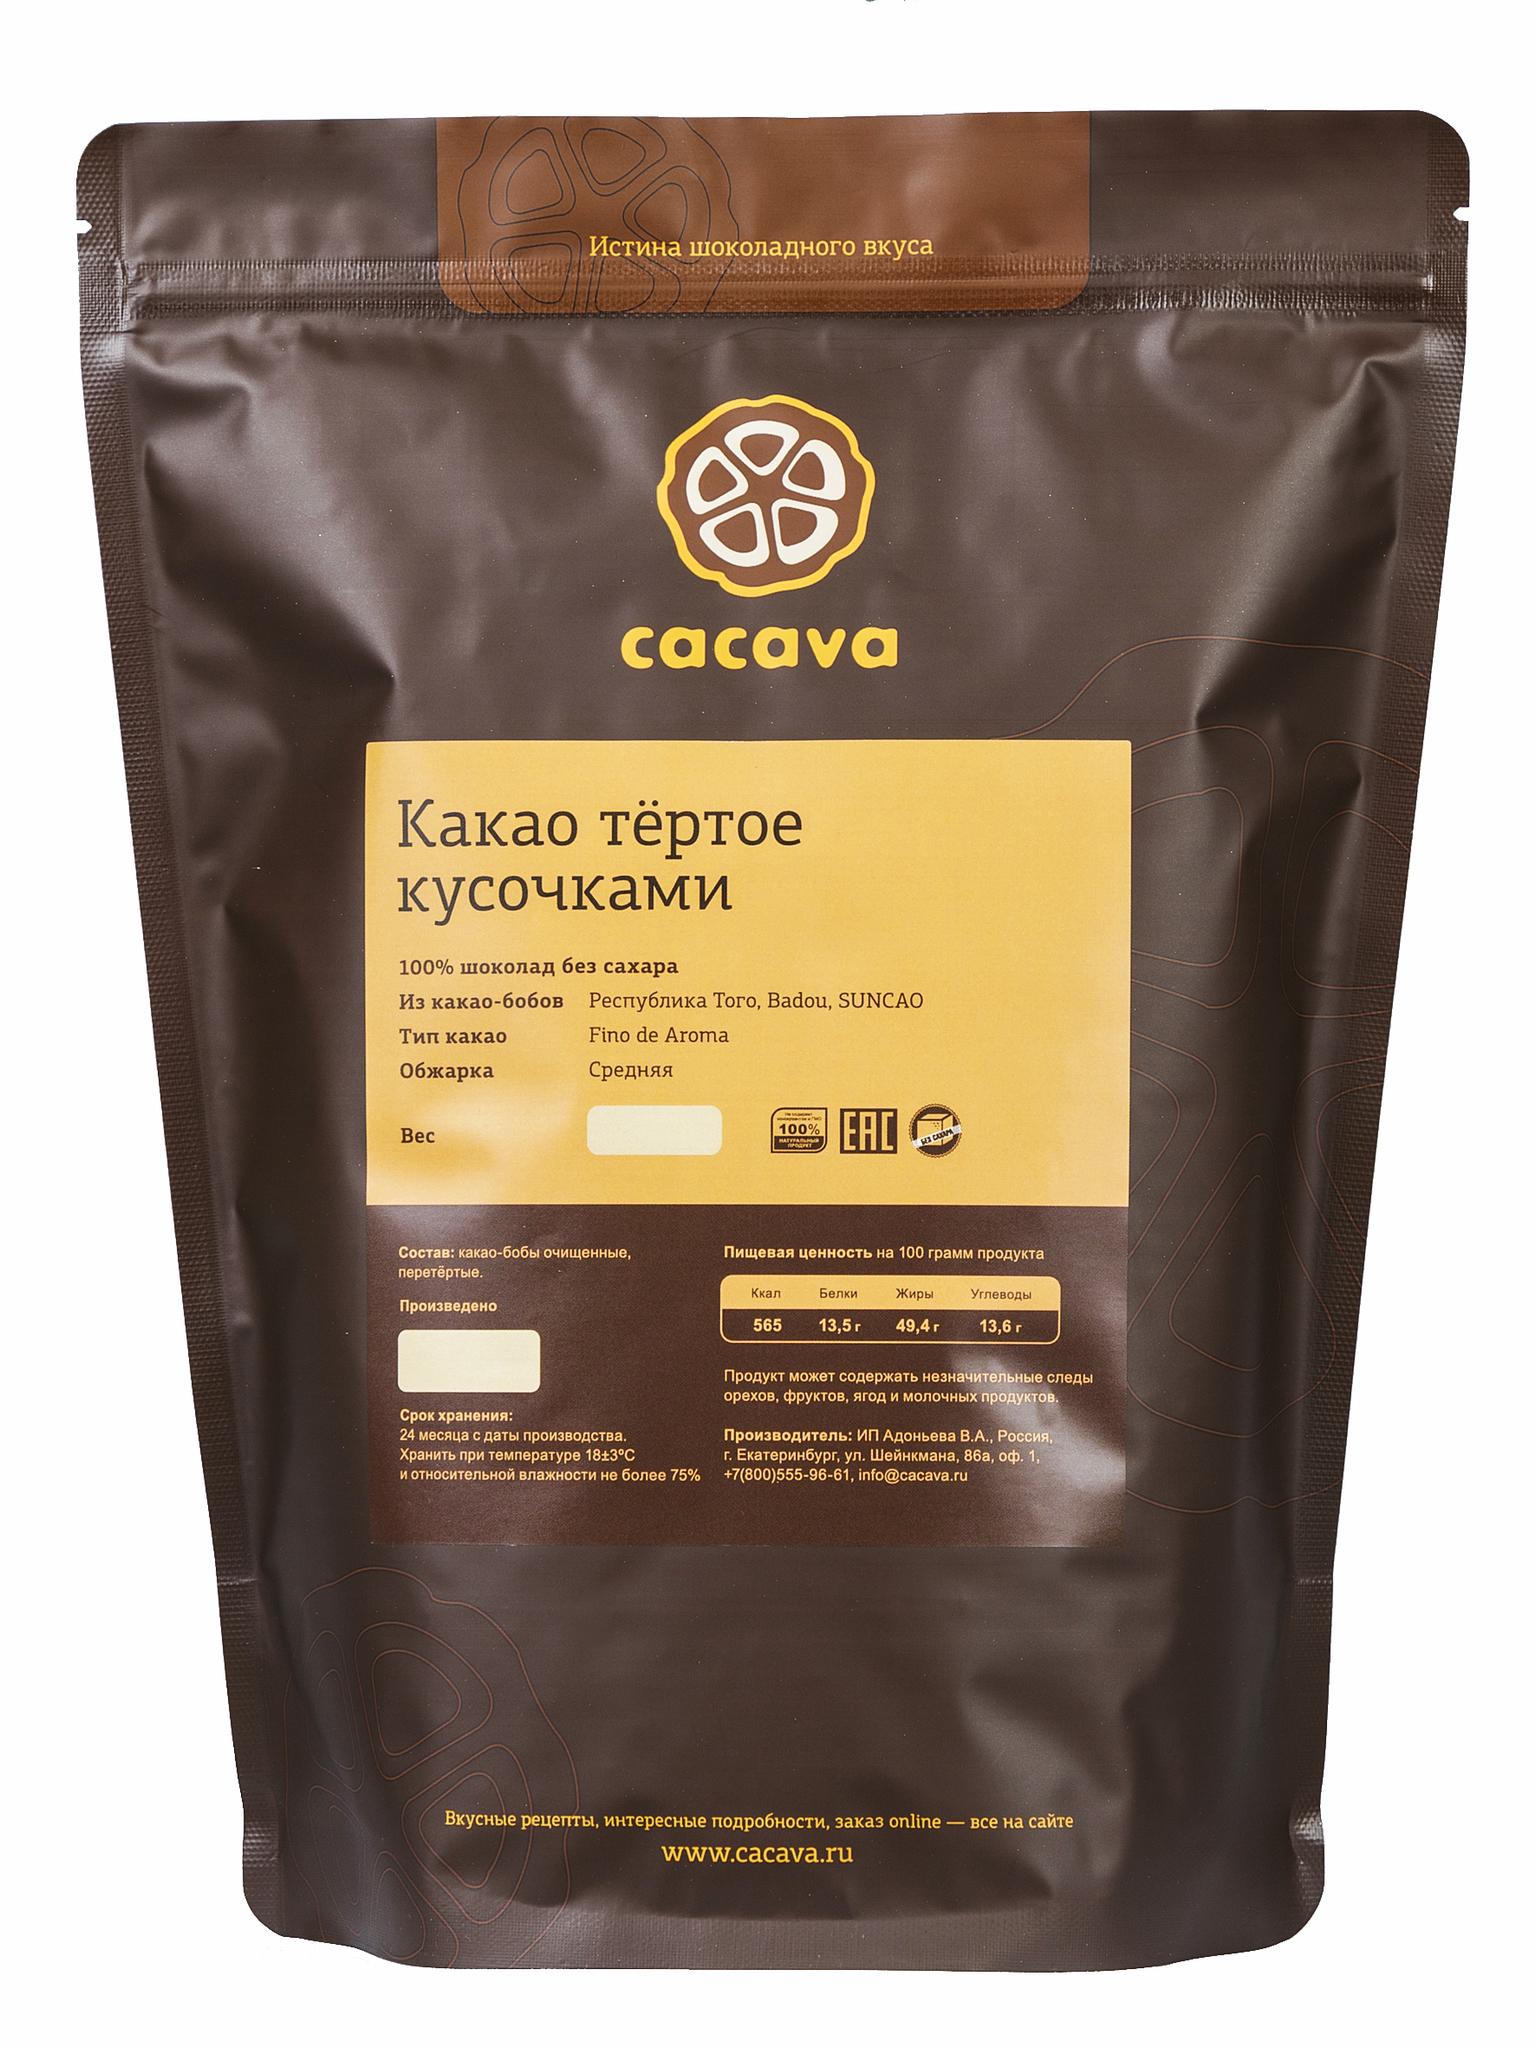 Какао тёртое кусочками (Того, Badou), упаковка 1 кг